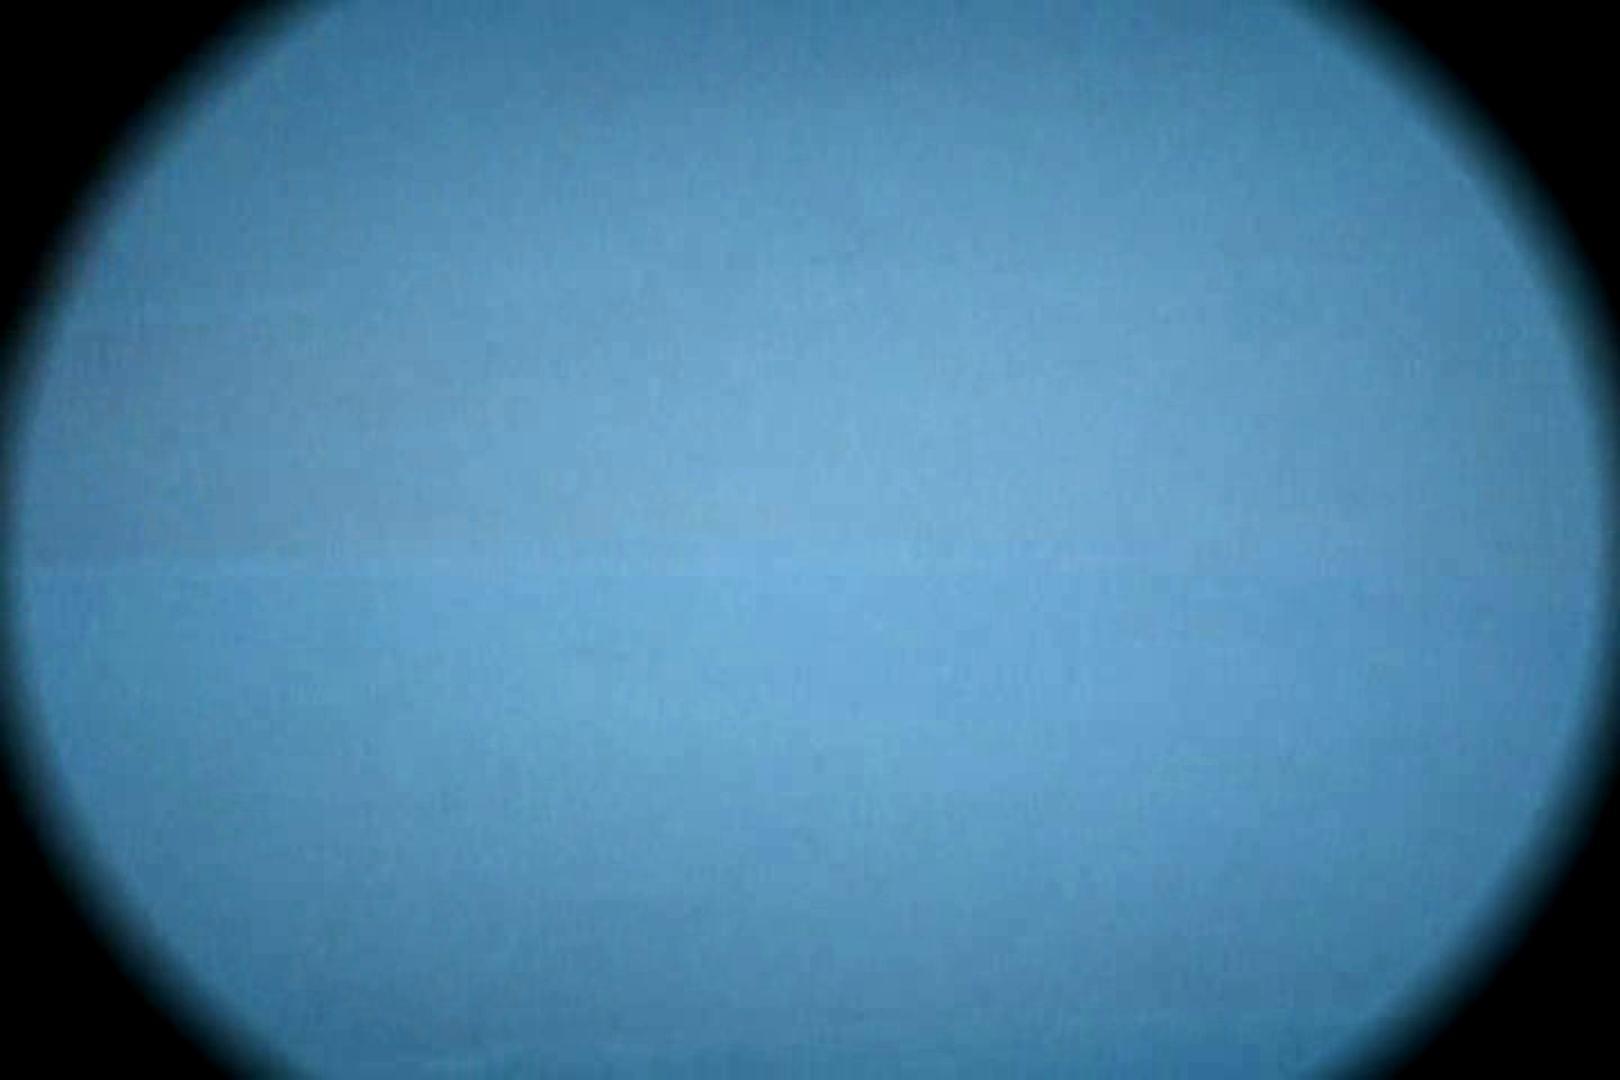 ビーチで発見!!はしゃぎ過ぎポロリギャルVol.3 小悪魔ギャル おまんこ無修正動画無料 81連発 8